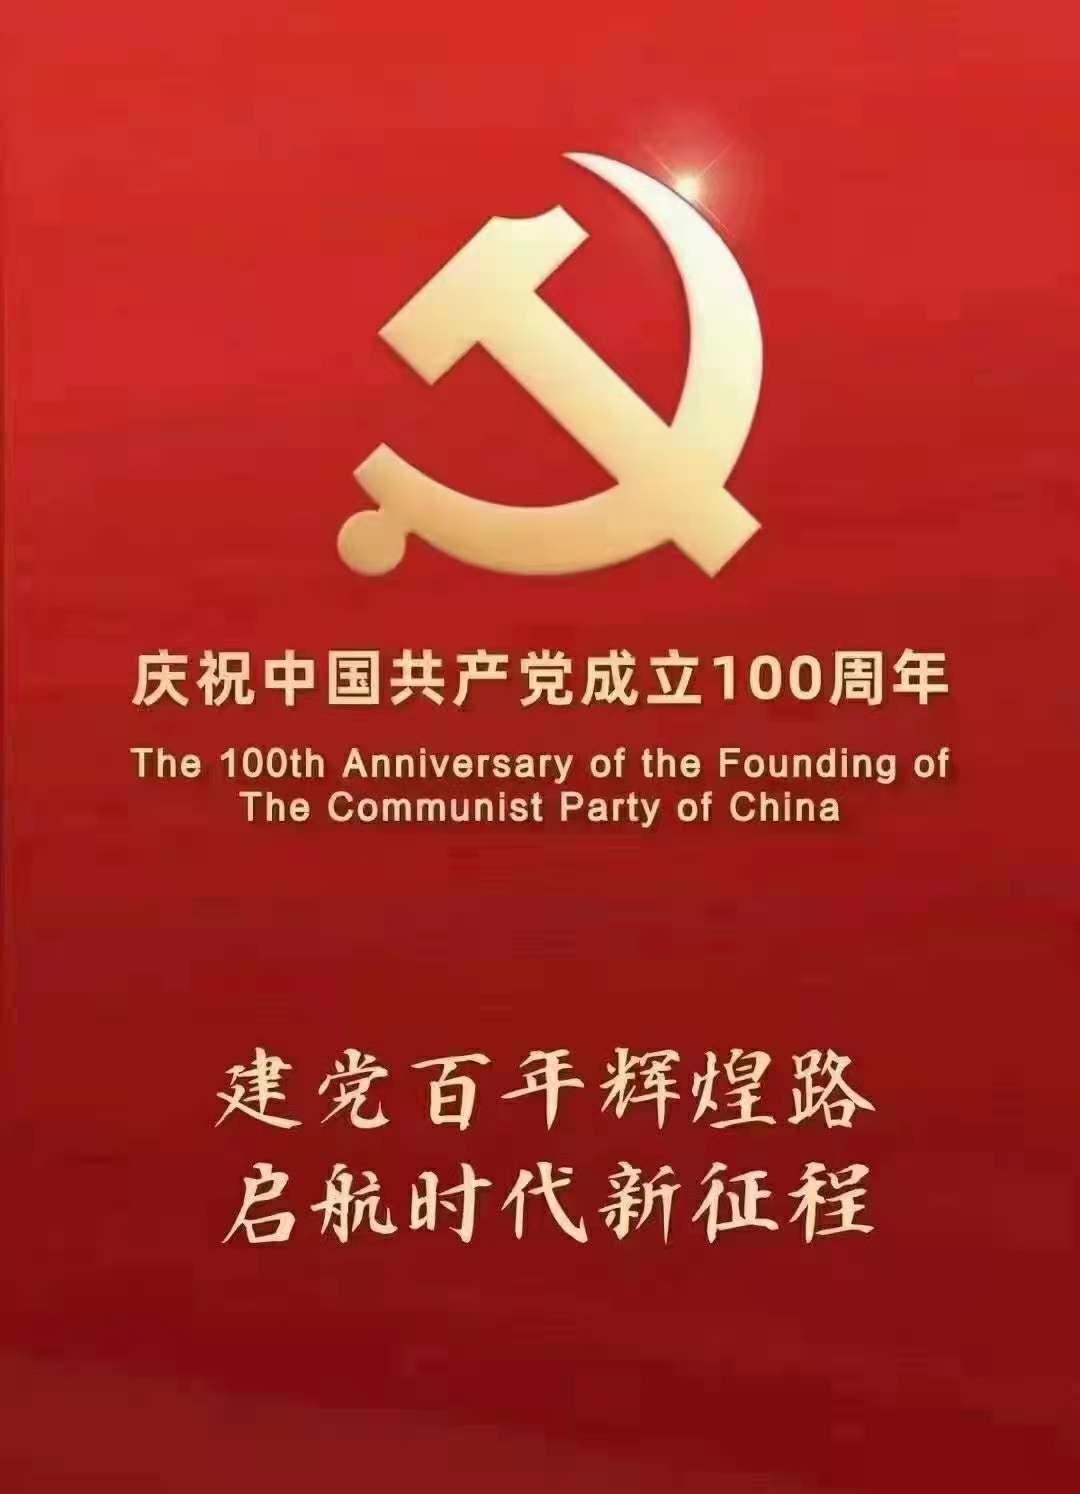 上海陆台热烈庆祝中国共产党成立100周年